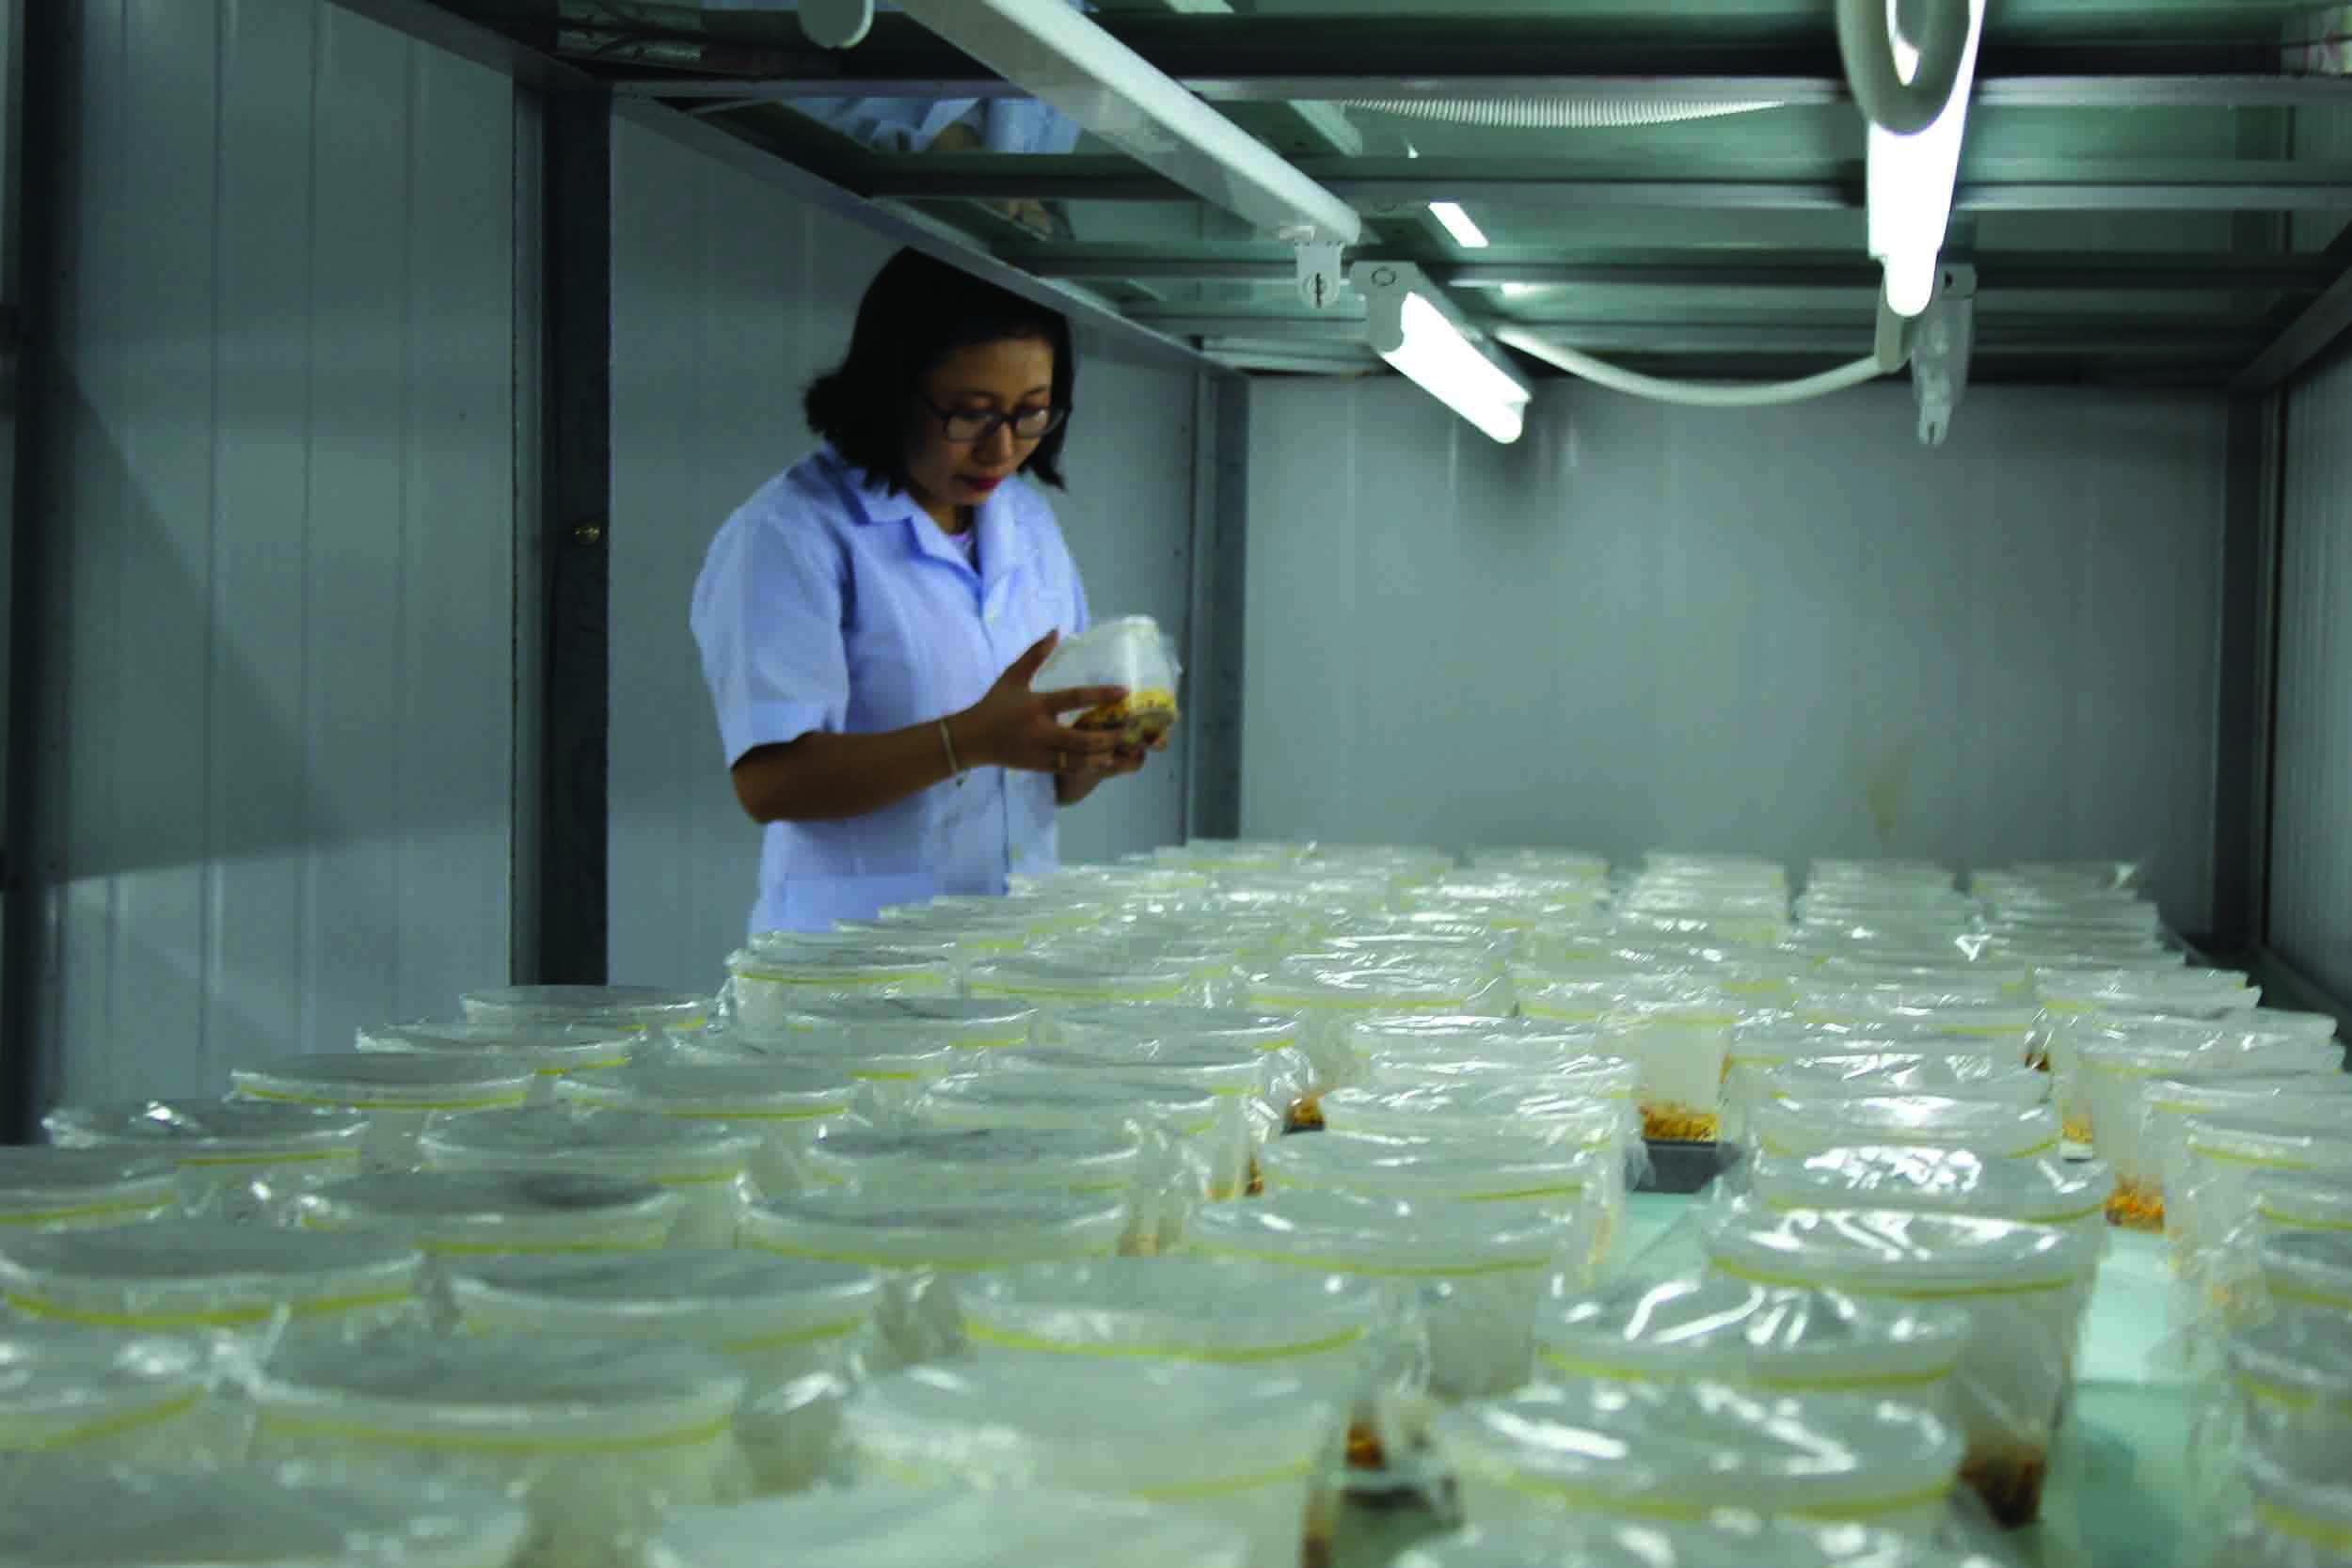 Cán bộ của Trung tâm kiểm tra tốc độ sinh trưởng của nấm.